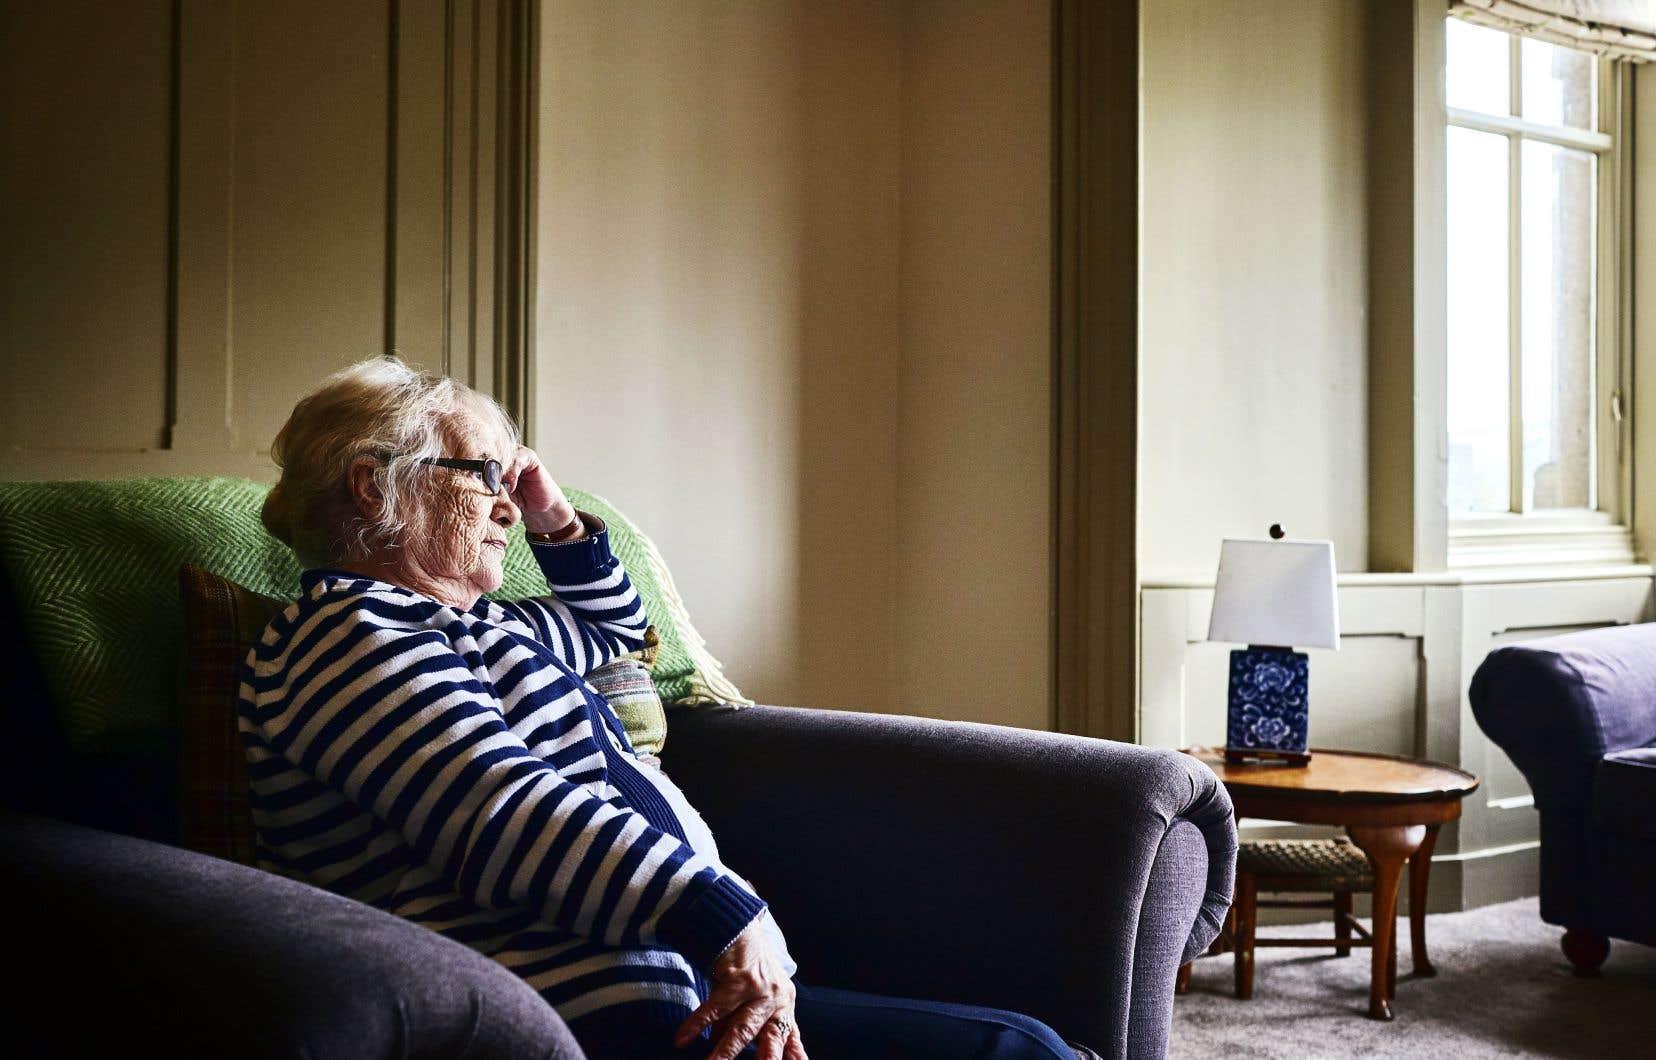 La vie sociale des aînés s'organise souvent autour des autres habitants de la résidence. Lorsque cette dernière ferme ses portes, ces nouvelles amitiés sont perdues.